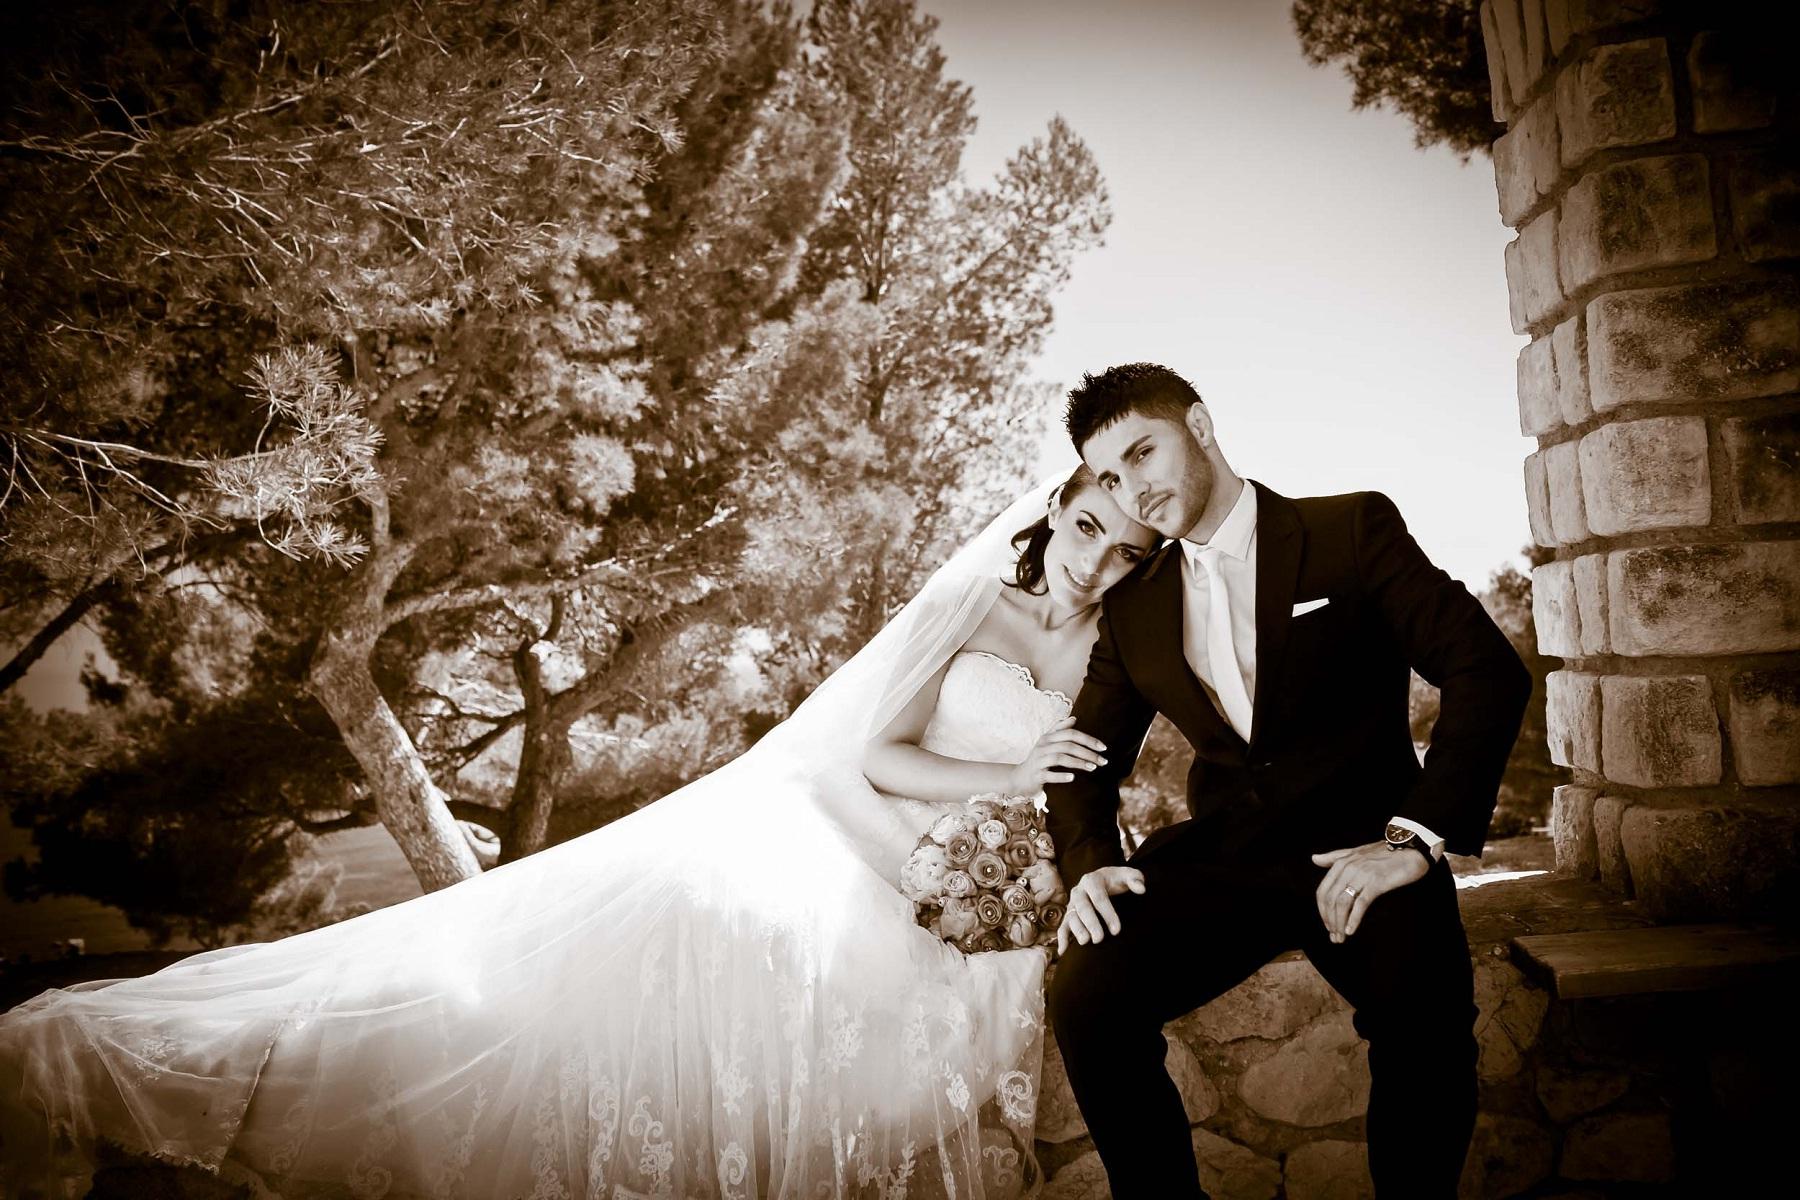 какие фотосъемки свадьбы популярные этого